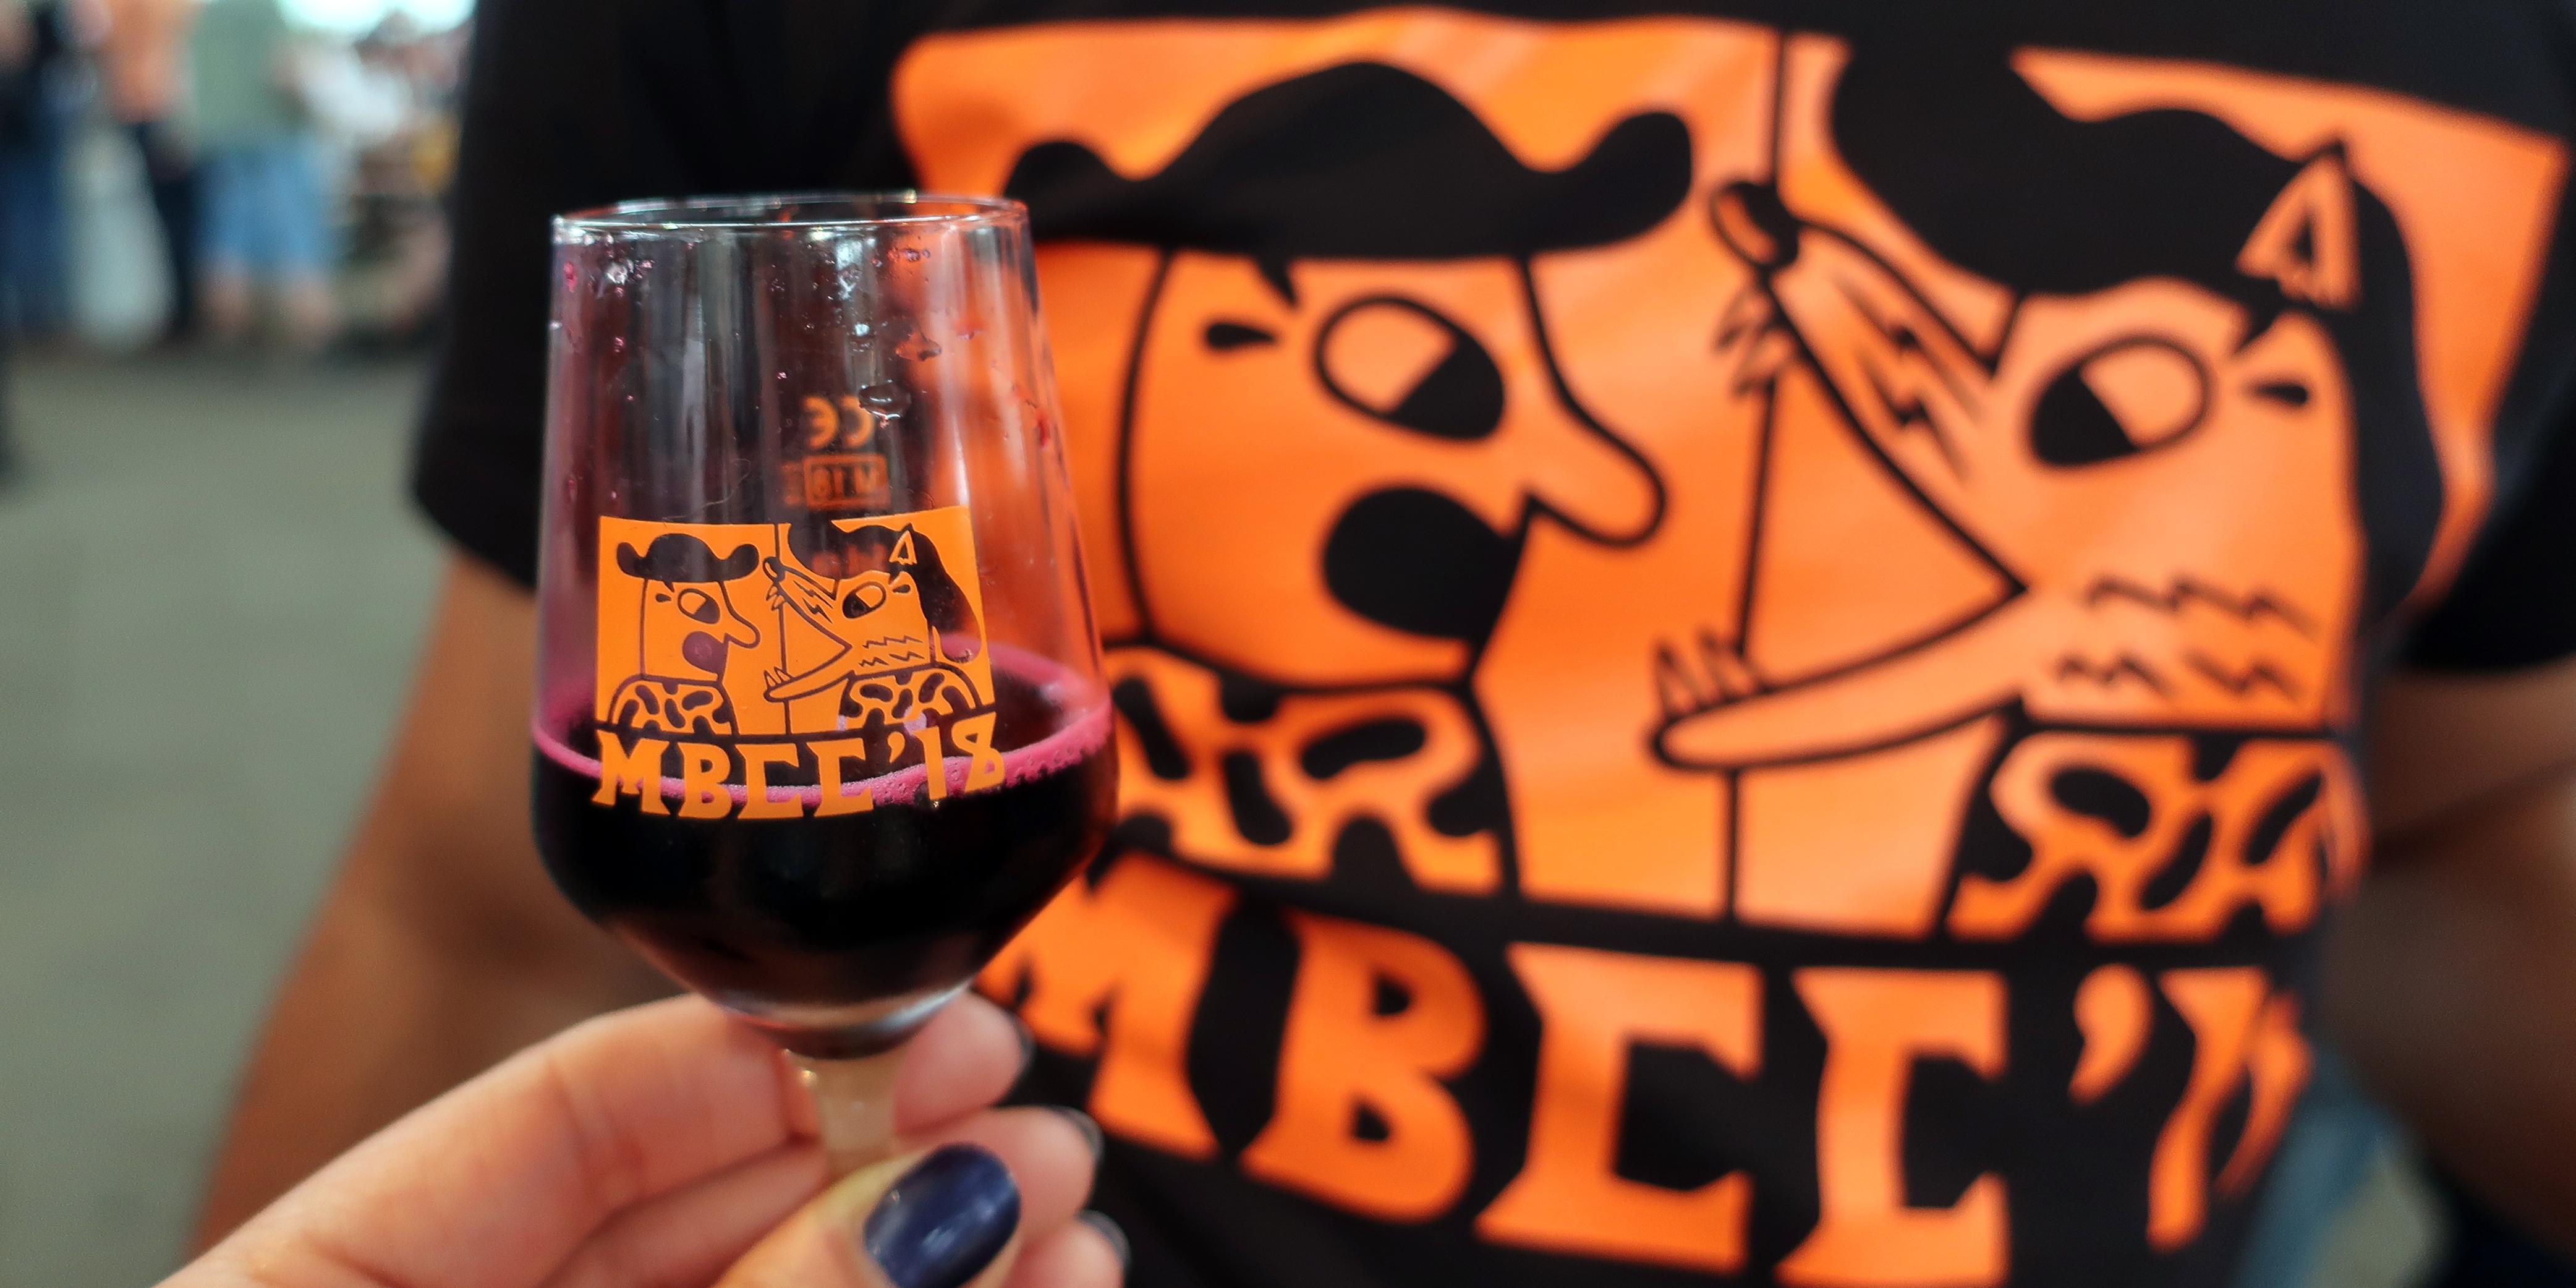 Mikkeller Beer Celebration